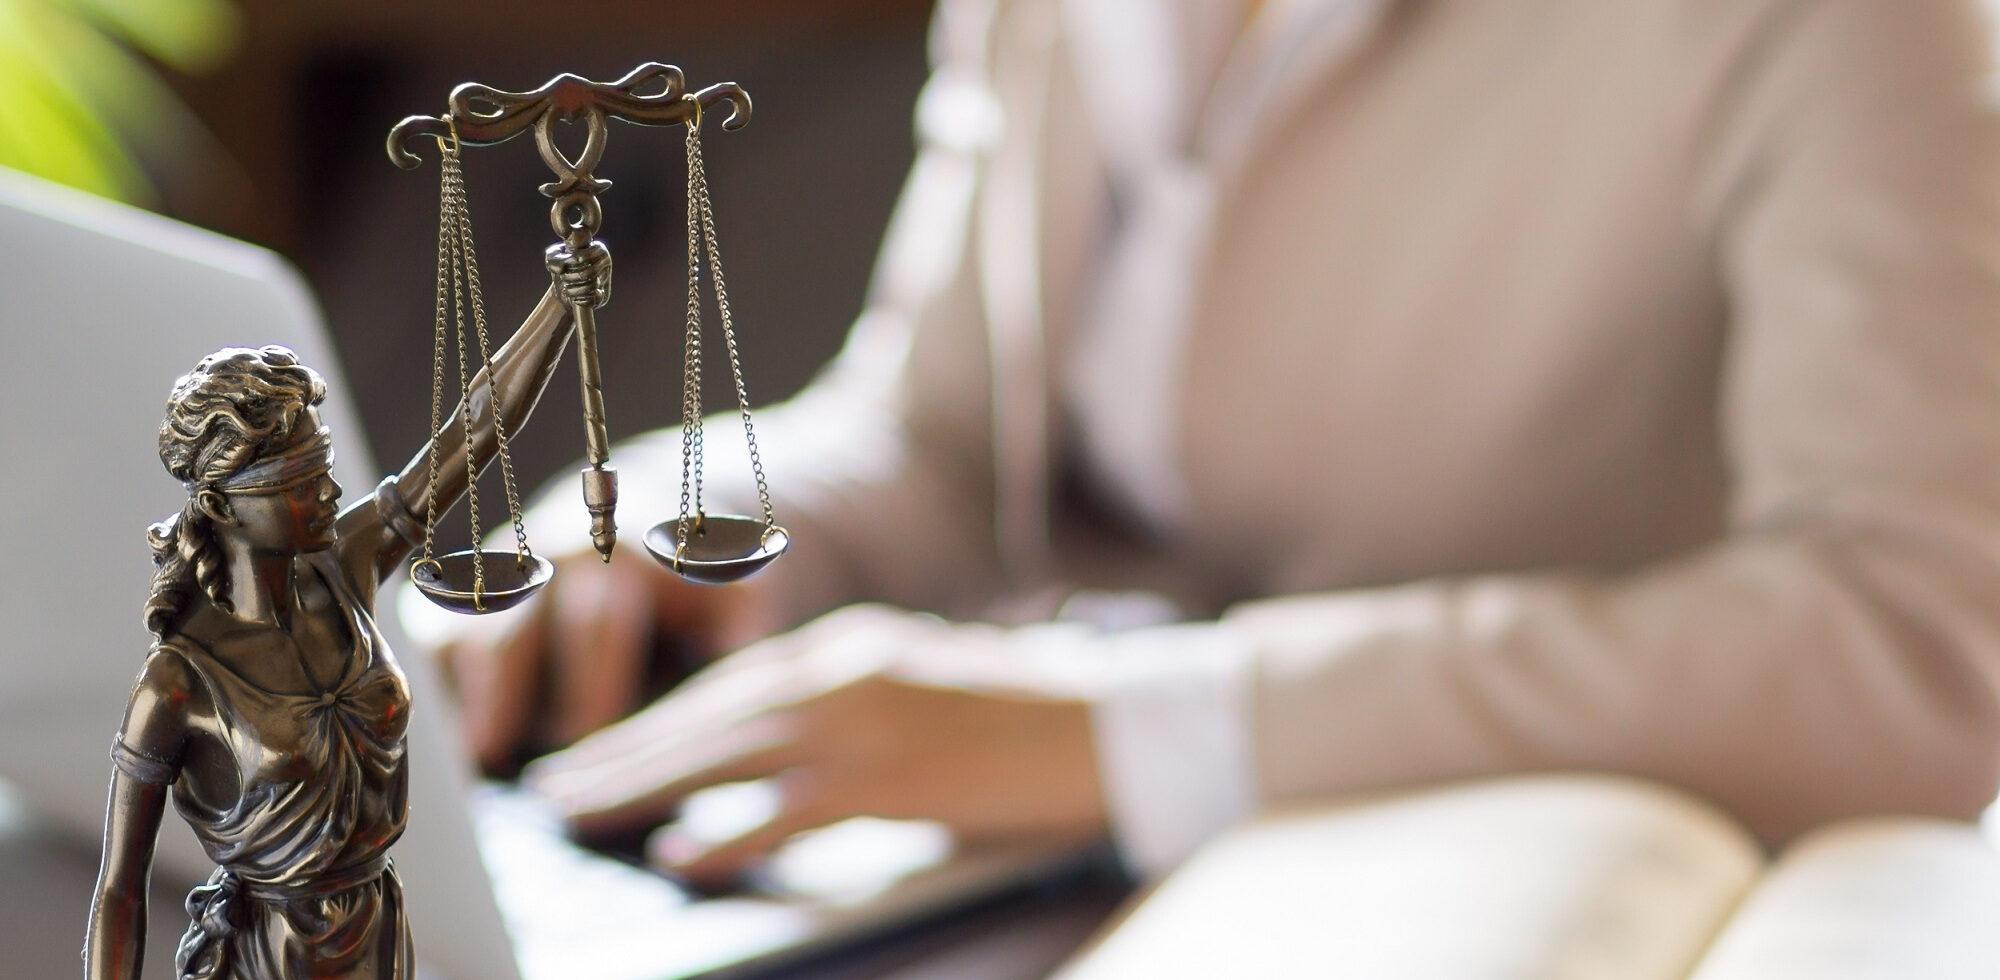 Ростелеком, юрист, онлайн